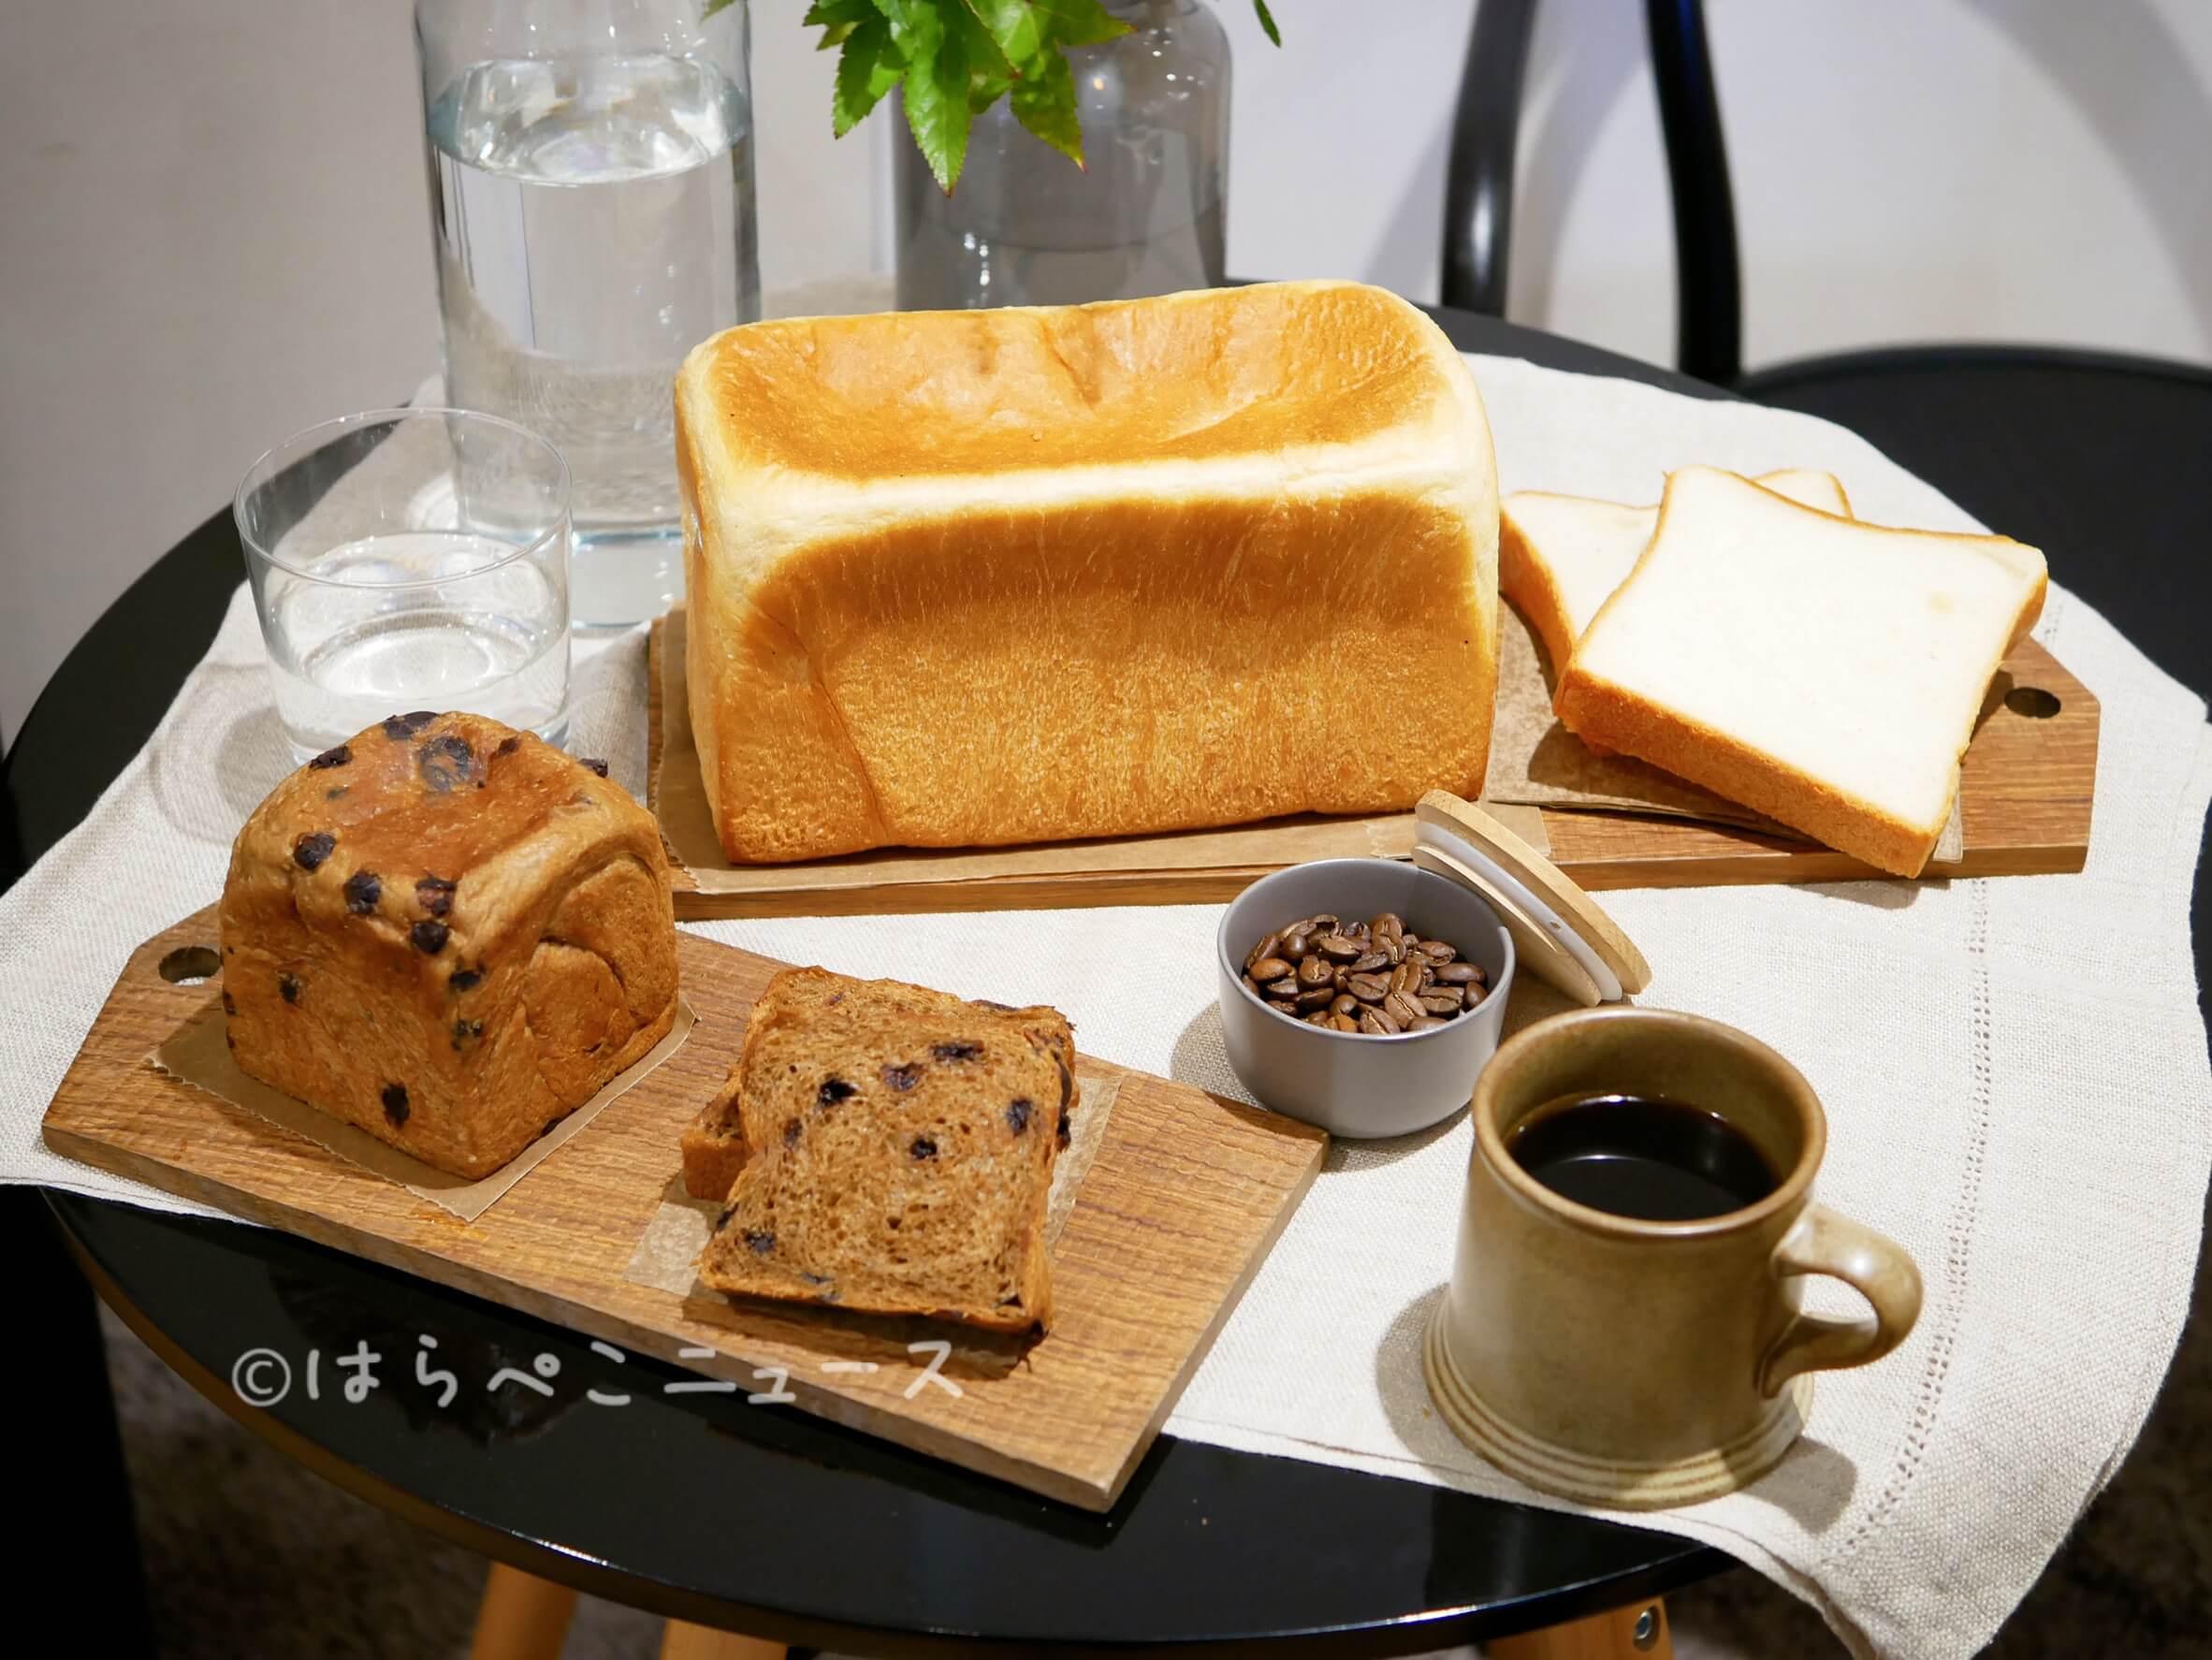 【実食レポ】フレシャス× 「ふじ森」天然水食パン『FUJI(ふじ)』コーヒー味はチョコレートチップ入り!